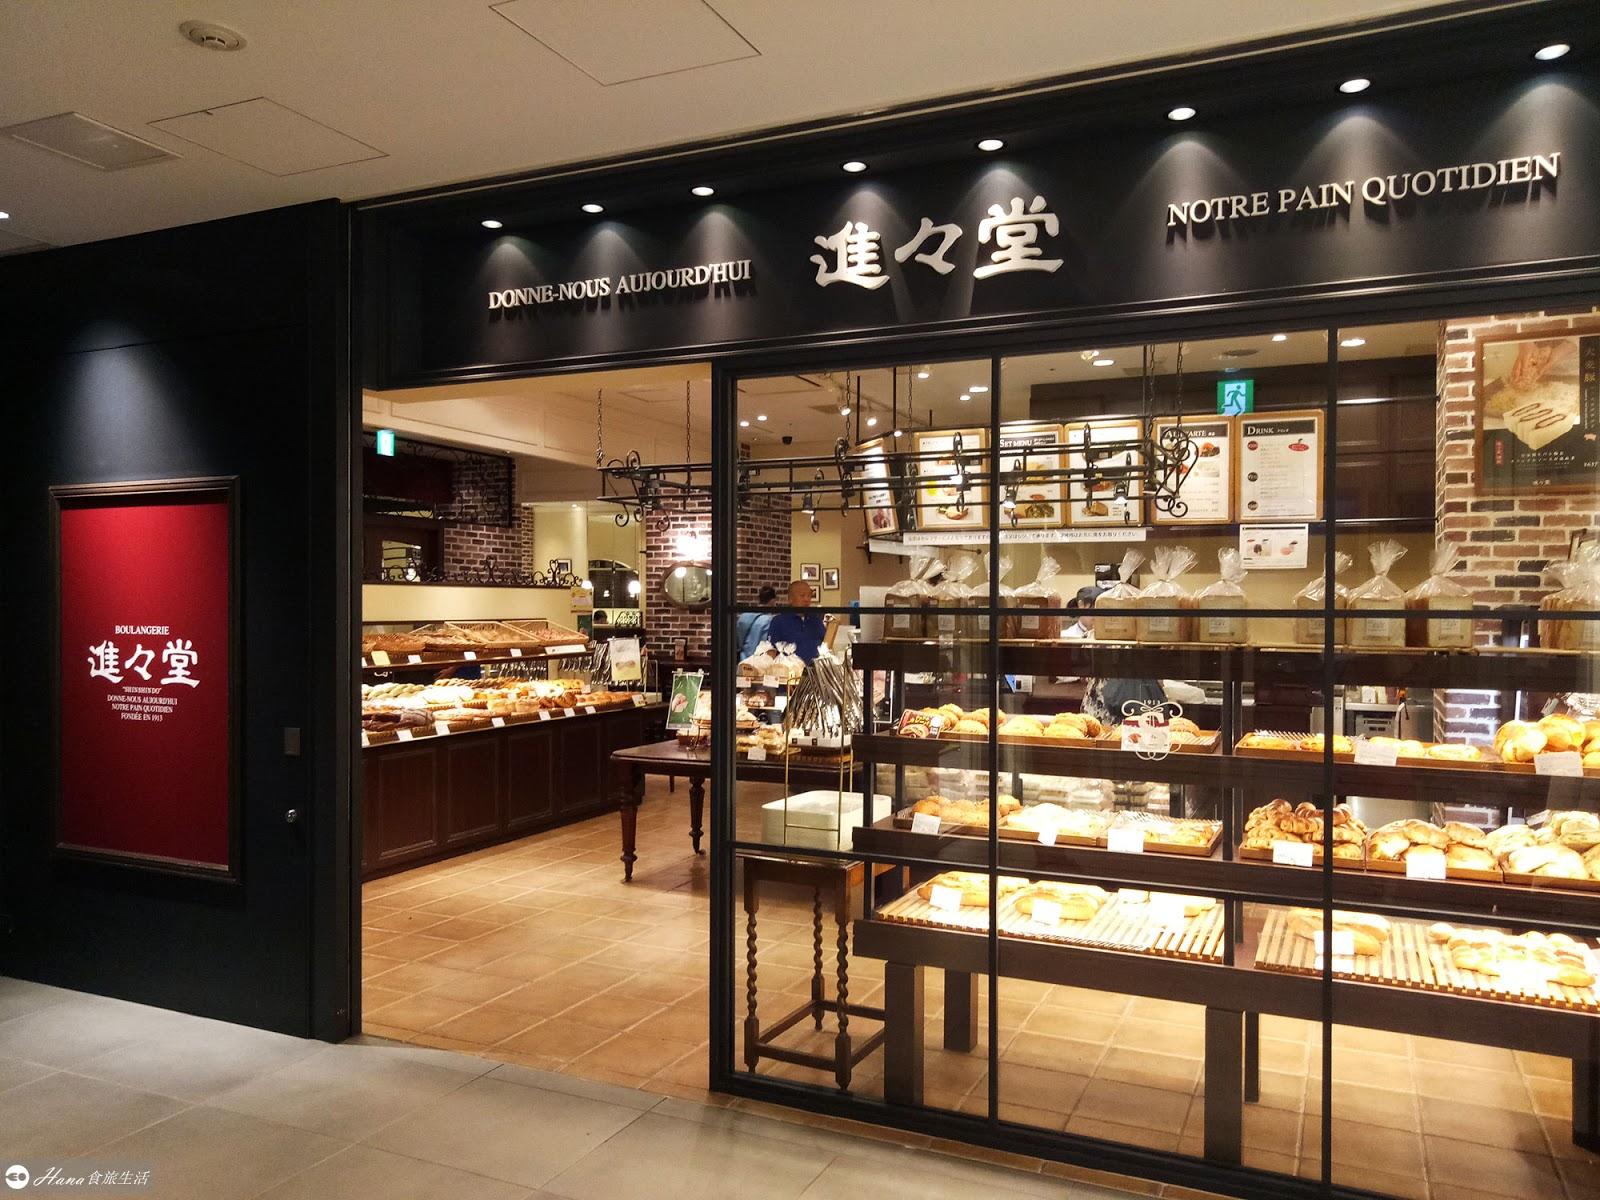 【日本京都】進進堂 ラクエ四條烏丸店 | 在百年麵包店坐下來 好好享受悠閒的早晨時光 - Hana食旅生活